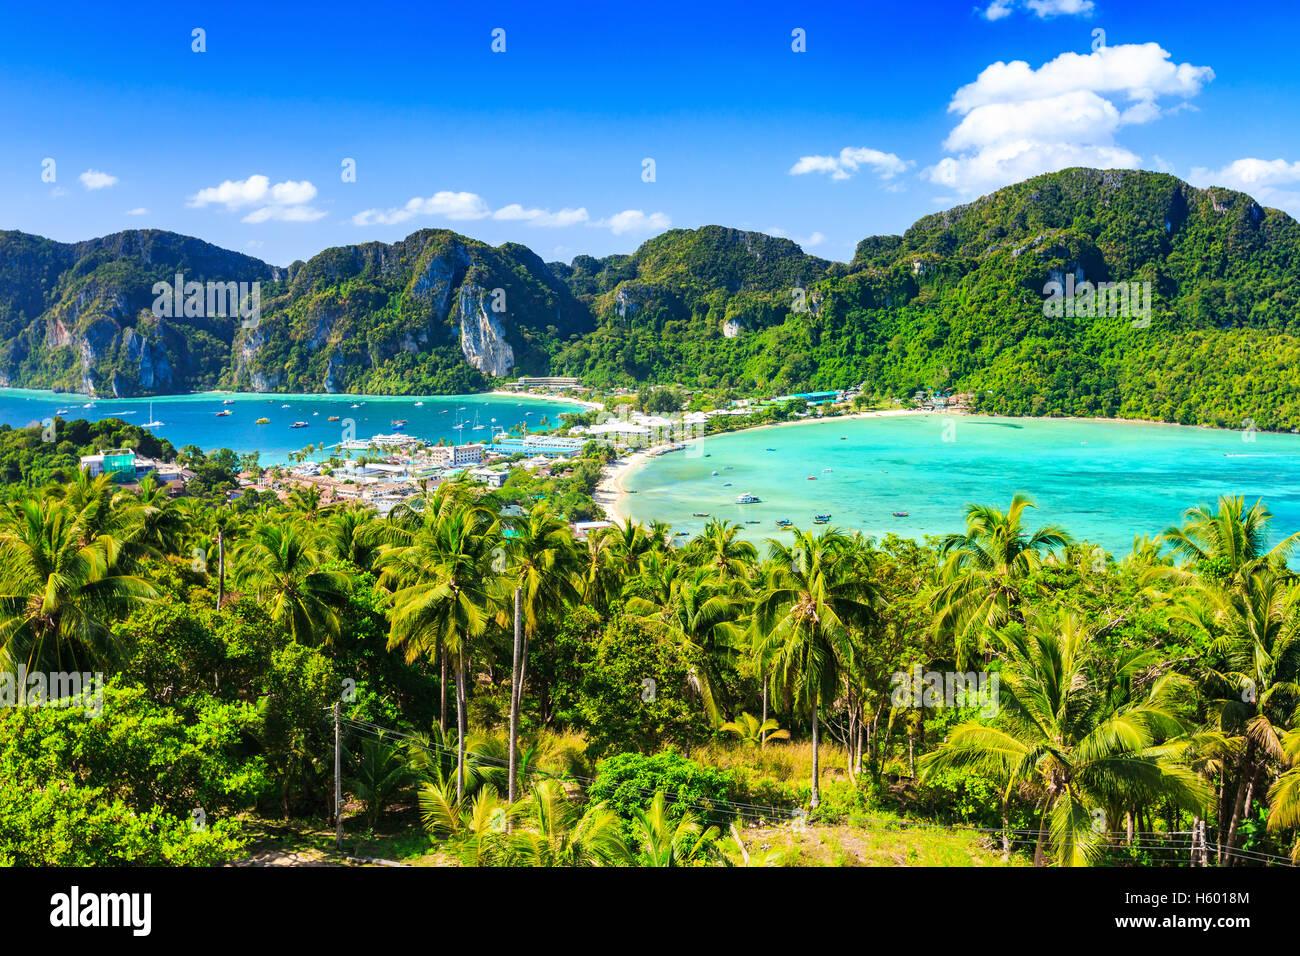 La Thaïlande, l'île de Phi Phi Don, province de Krabi. Photo Stock